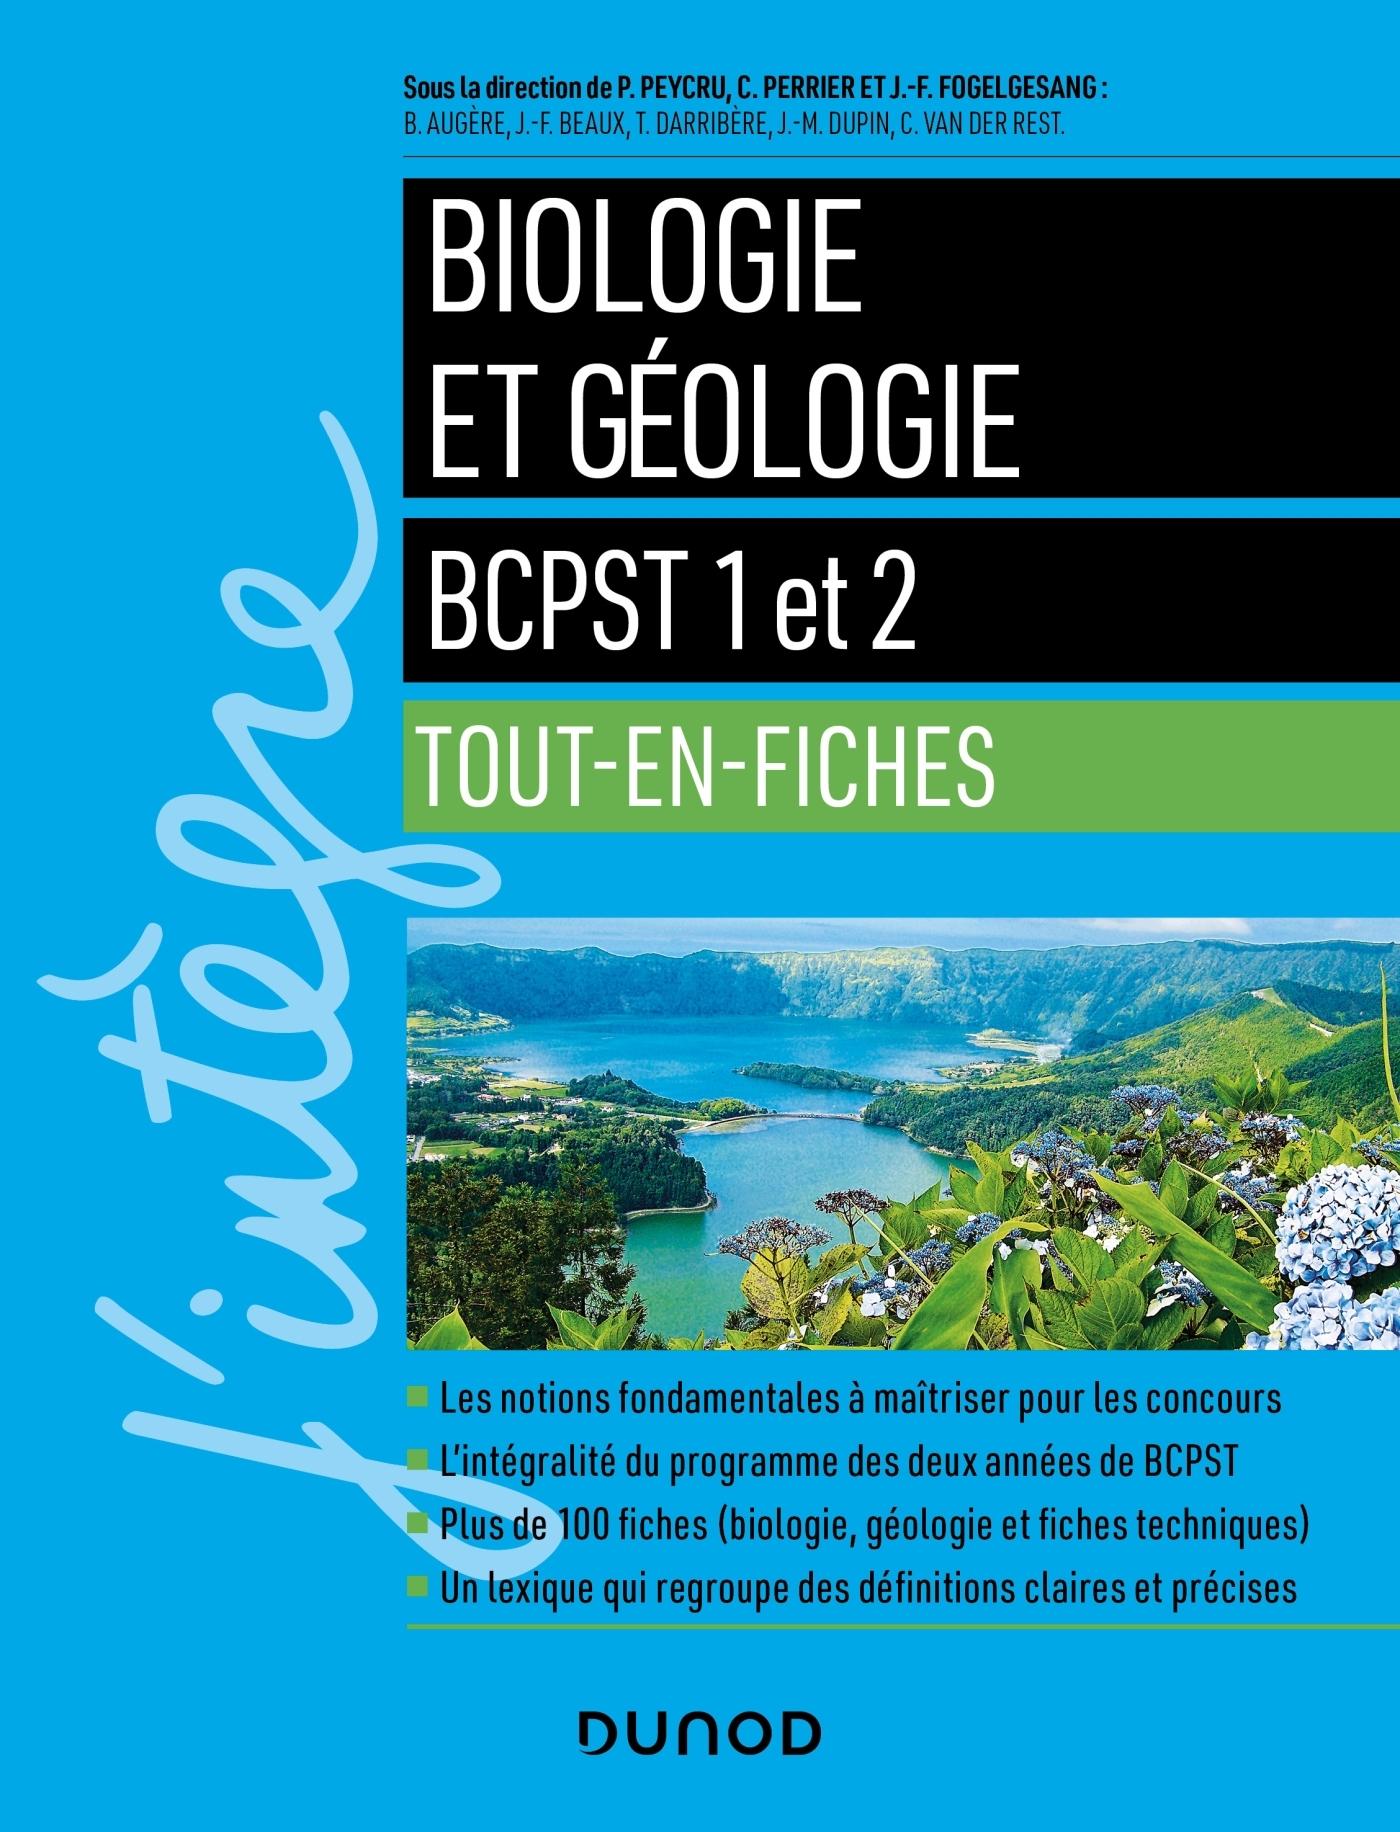 BIOLOGIE ET GEOLOGIE TOUT EN FICHES - BCPST 1 ET 2